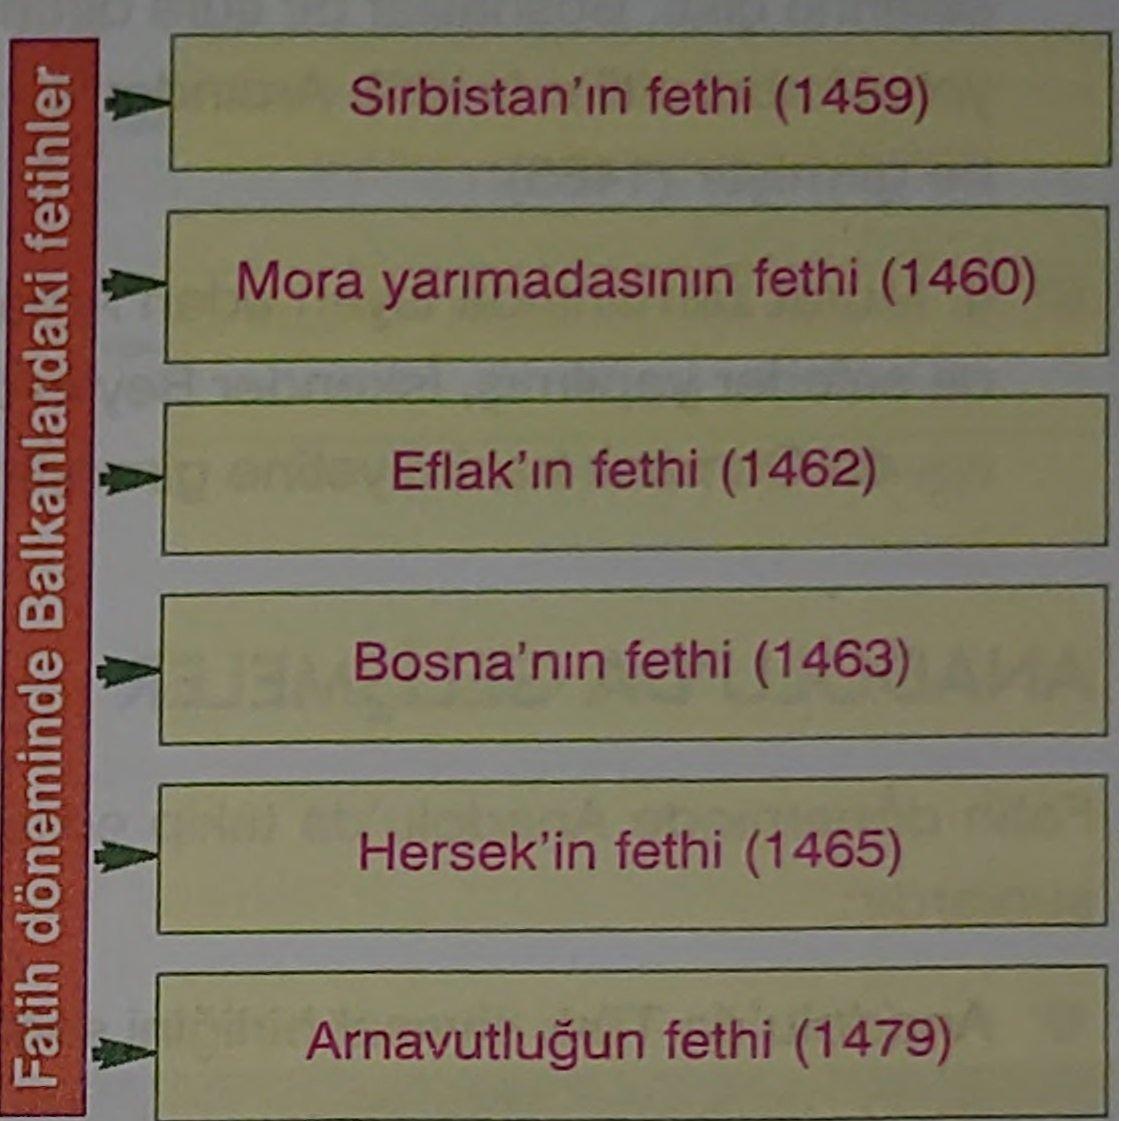 Fatih Sultan Mehmet Dönemi Savaşları Ve Gelişmeleri (Detaylı) 2 – fatih sultan mehmet döneminde balkanlardaki fetihler